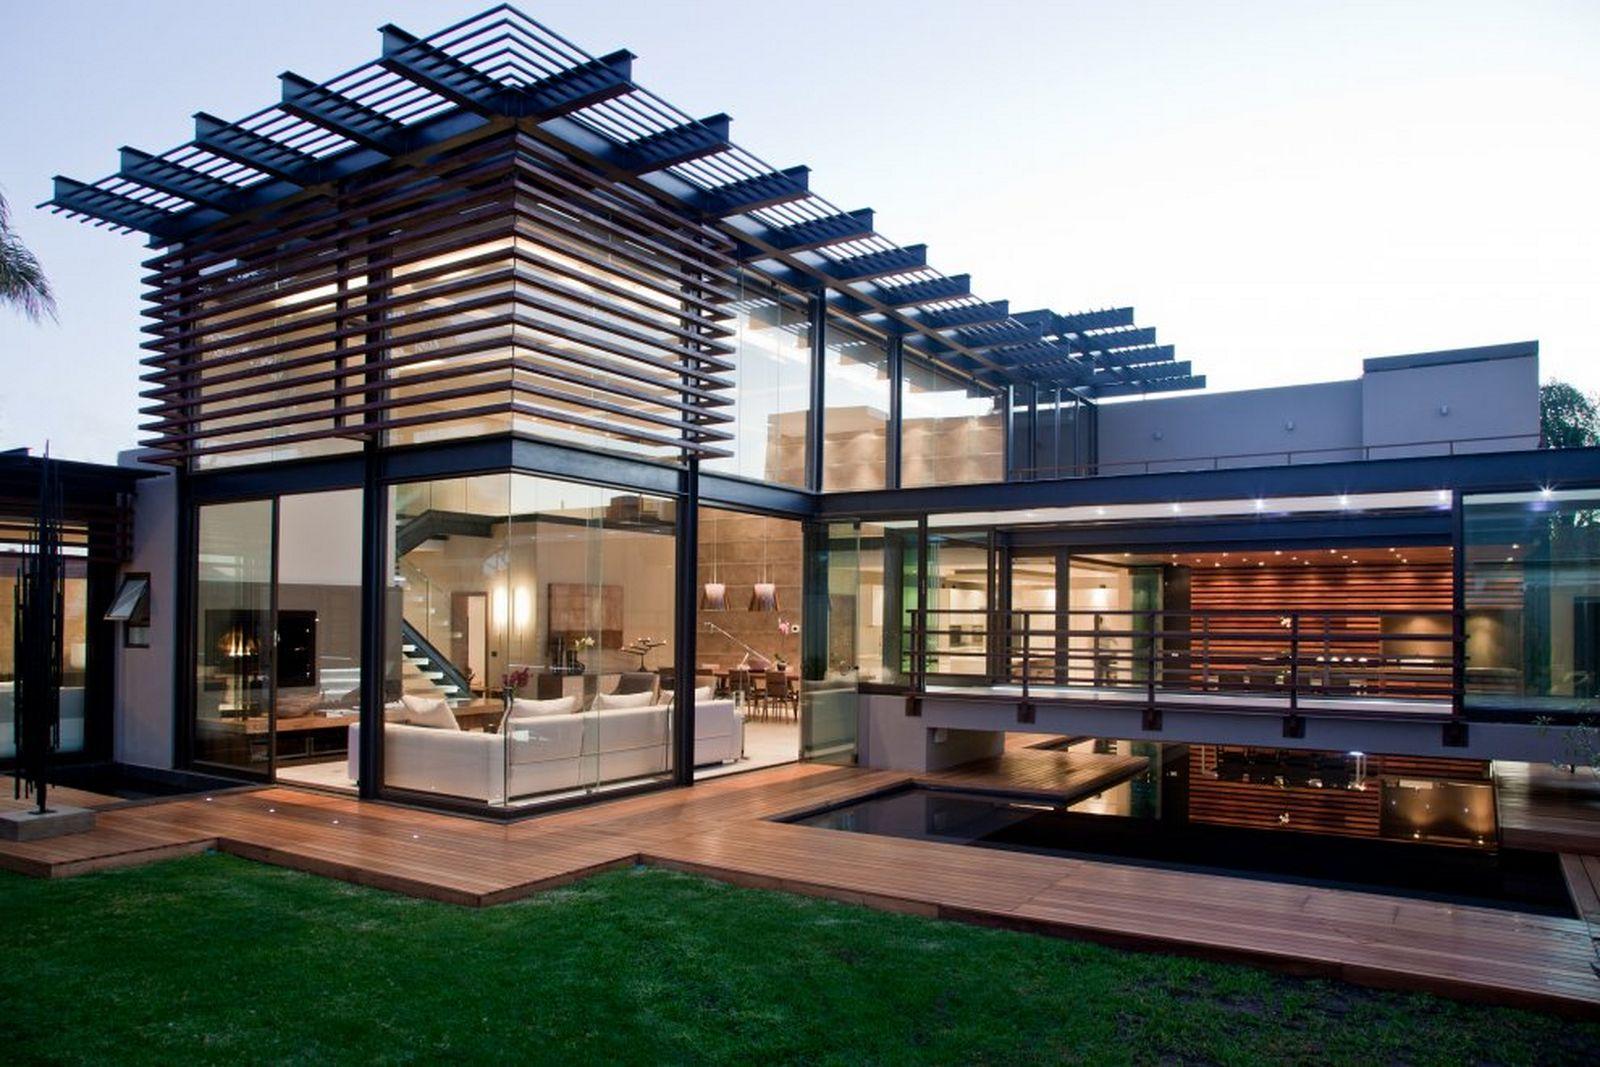 contemporary-home-design-exterior-inspired-design-6-on-home-interior-design-inside-ideas